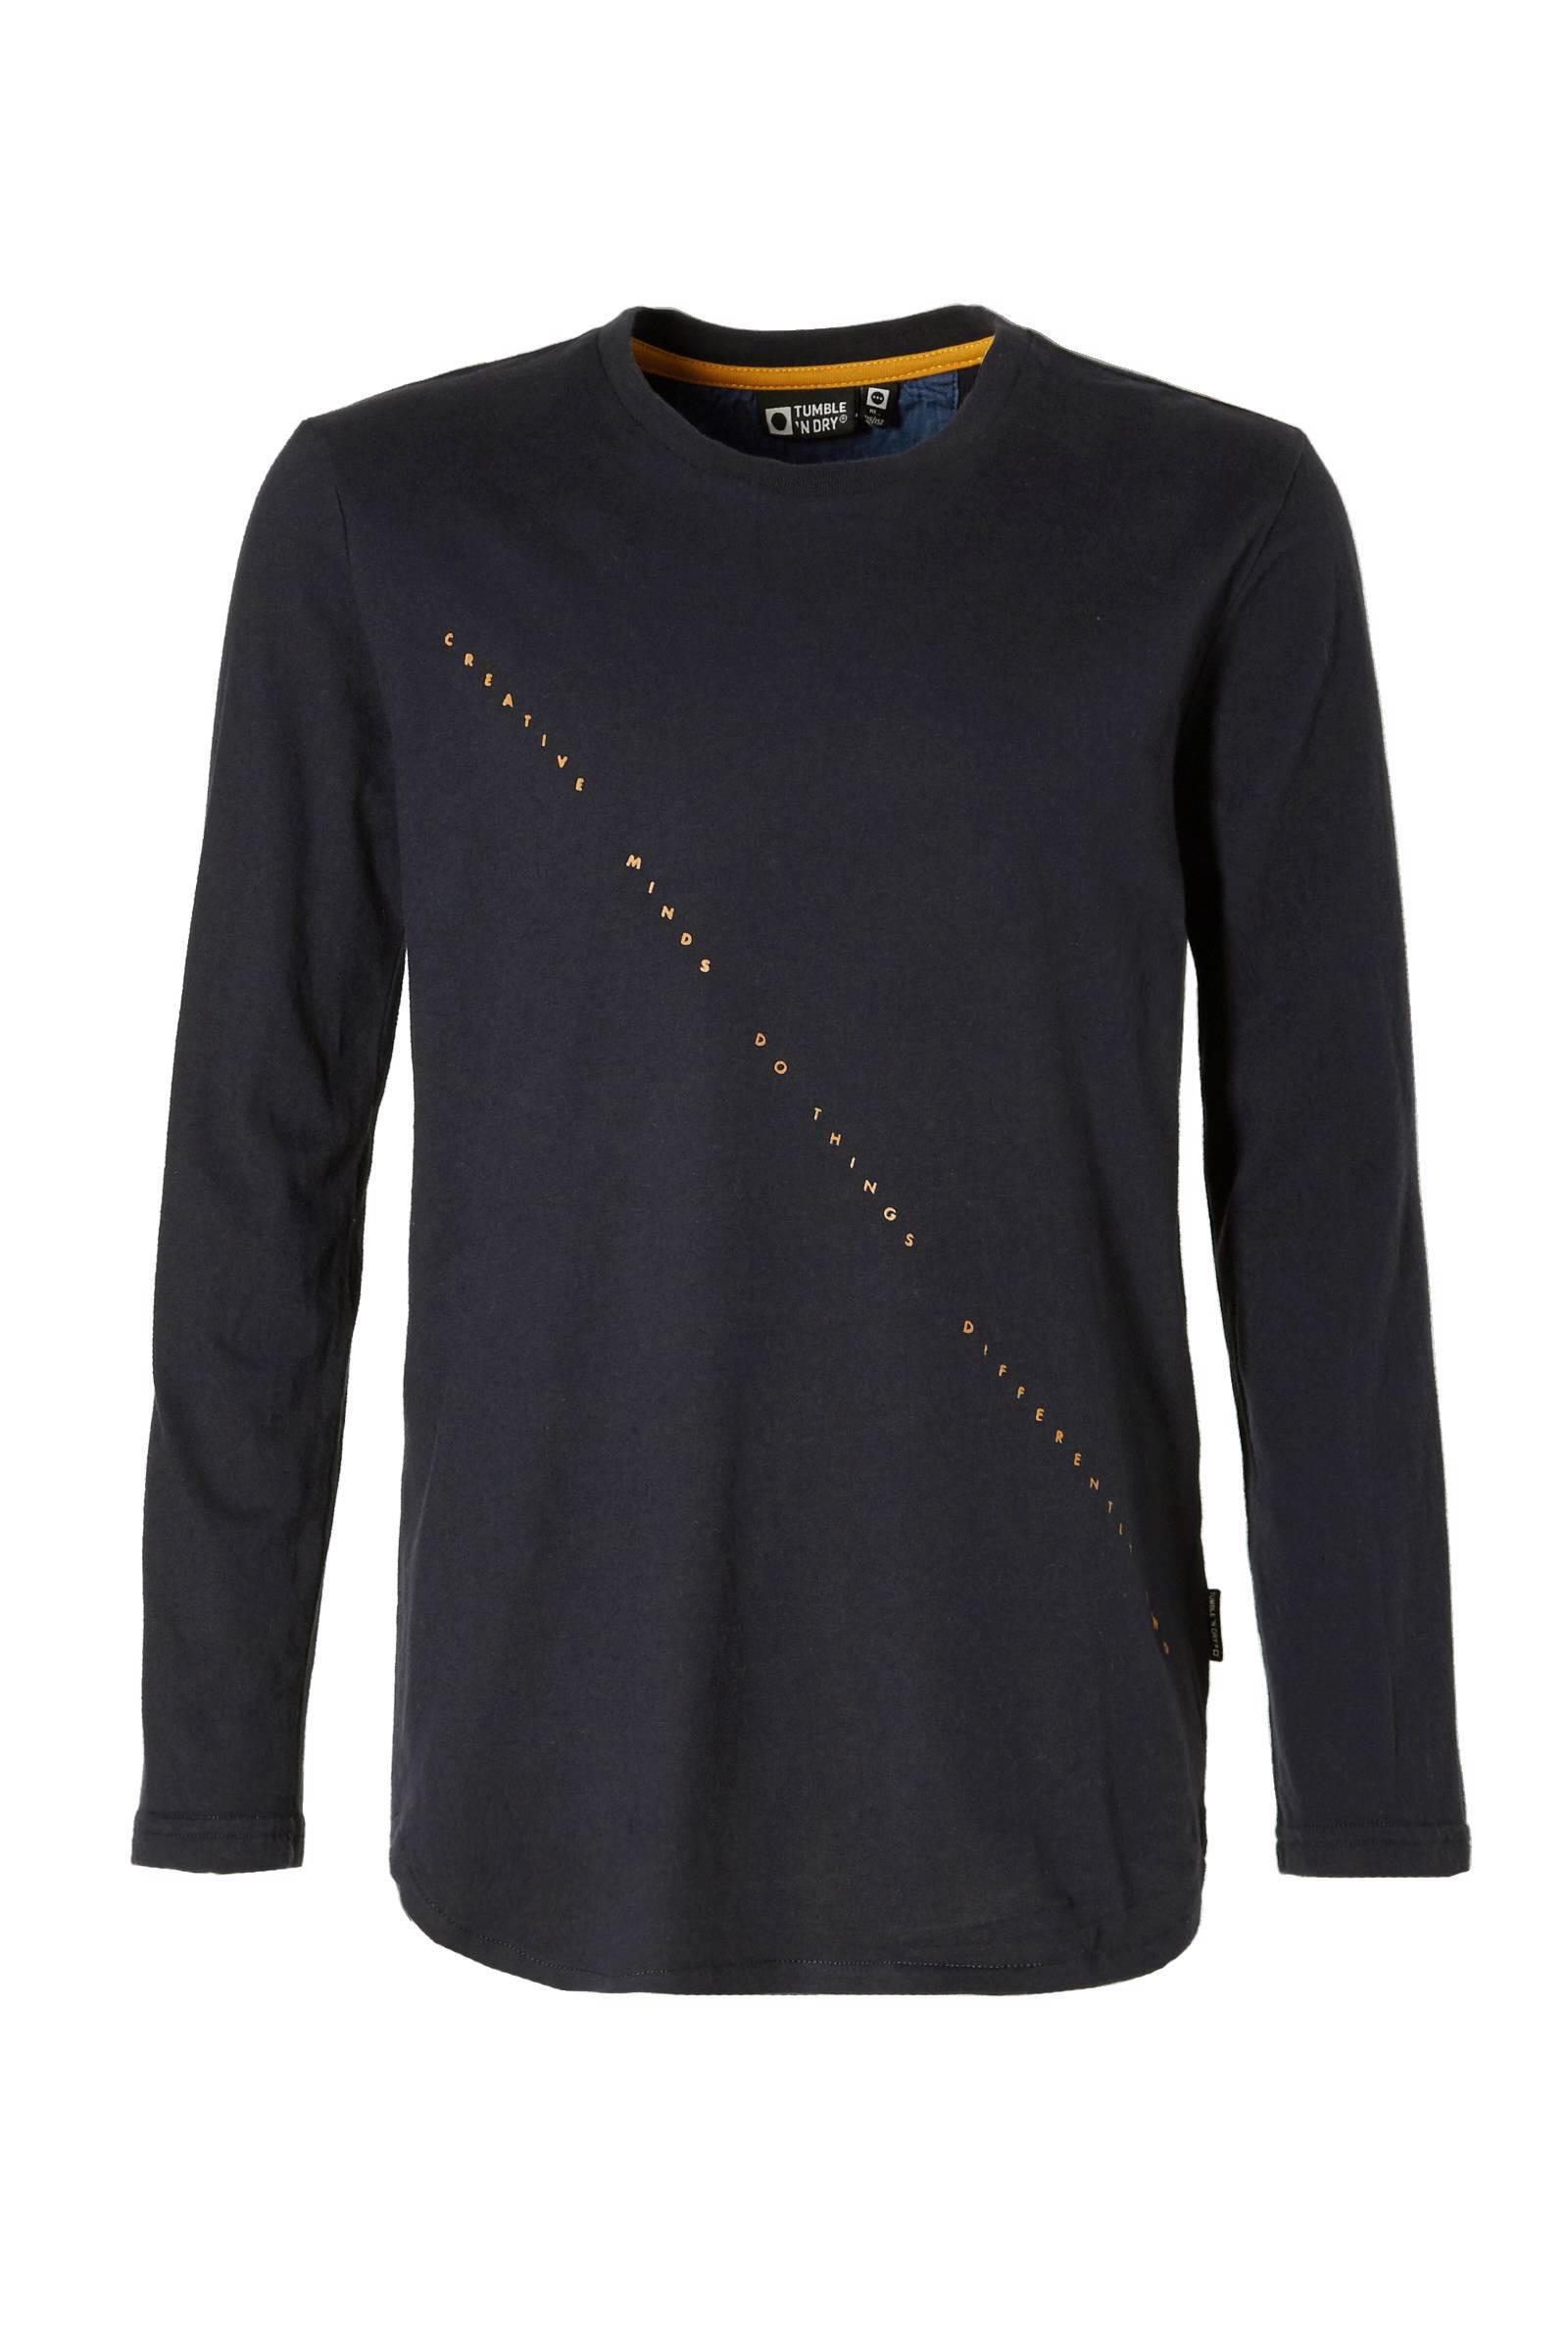 Tumble 'n Dry Hi T-shirt